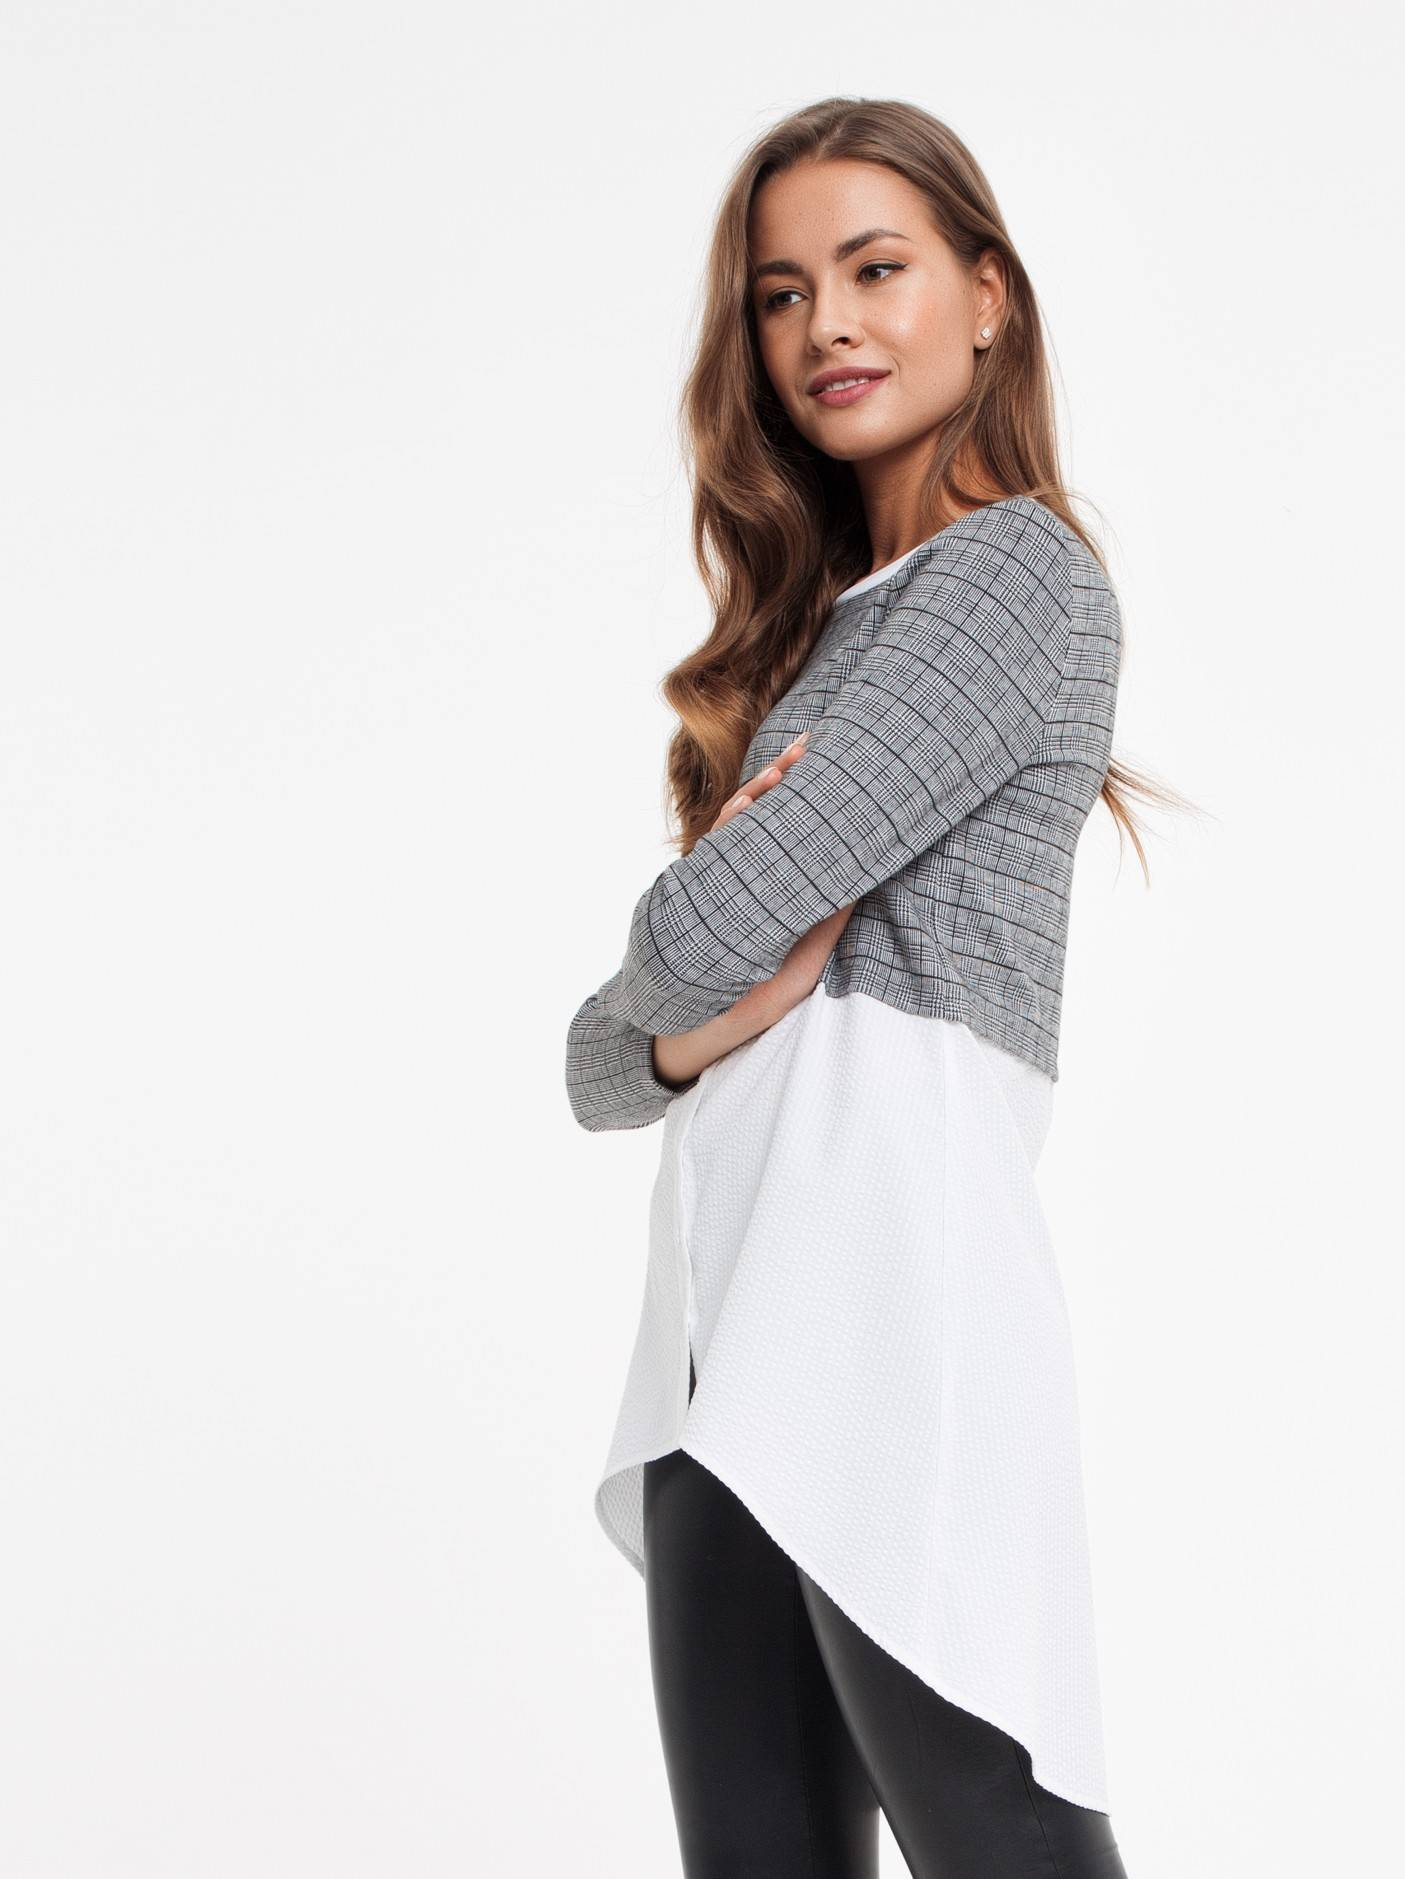 00f06435947 ᐅ Купить стильная туника с имитацией рубашки 830 цвет grey 🛍 в ...